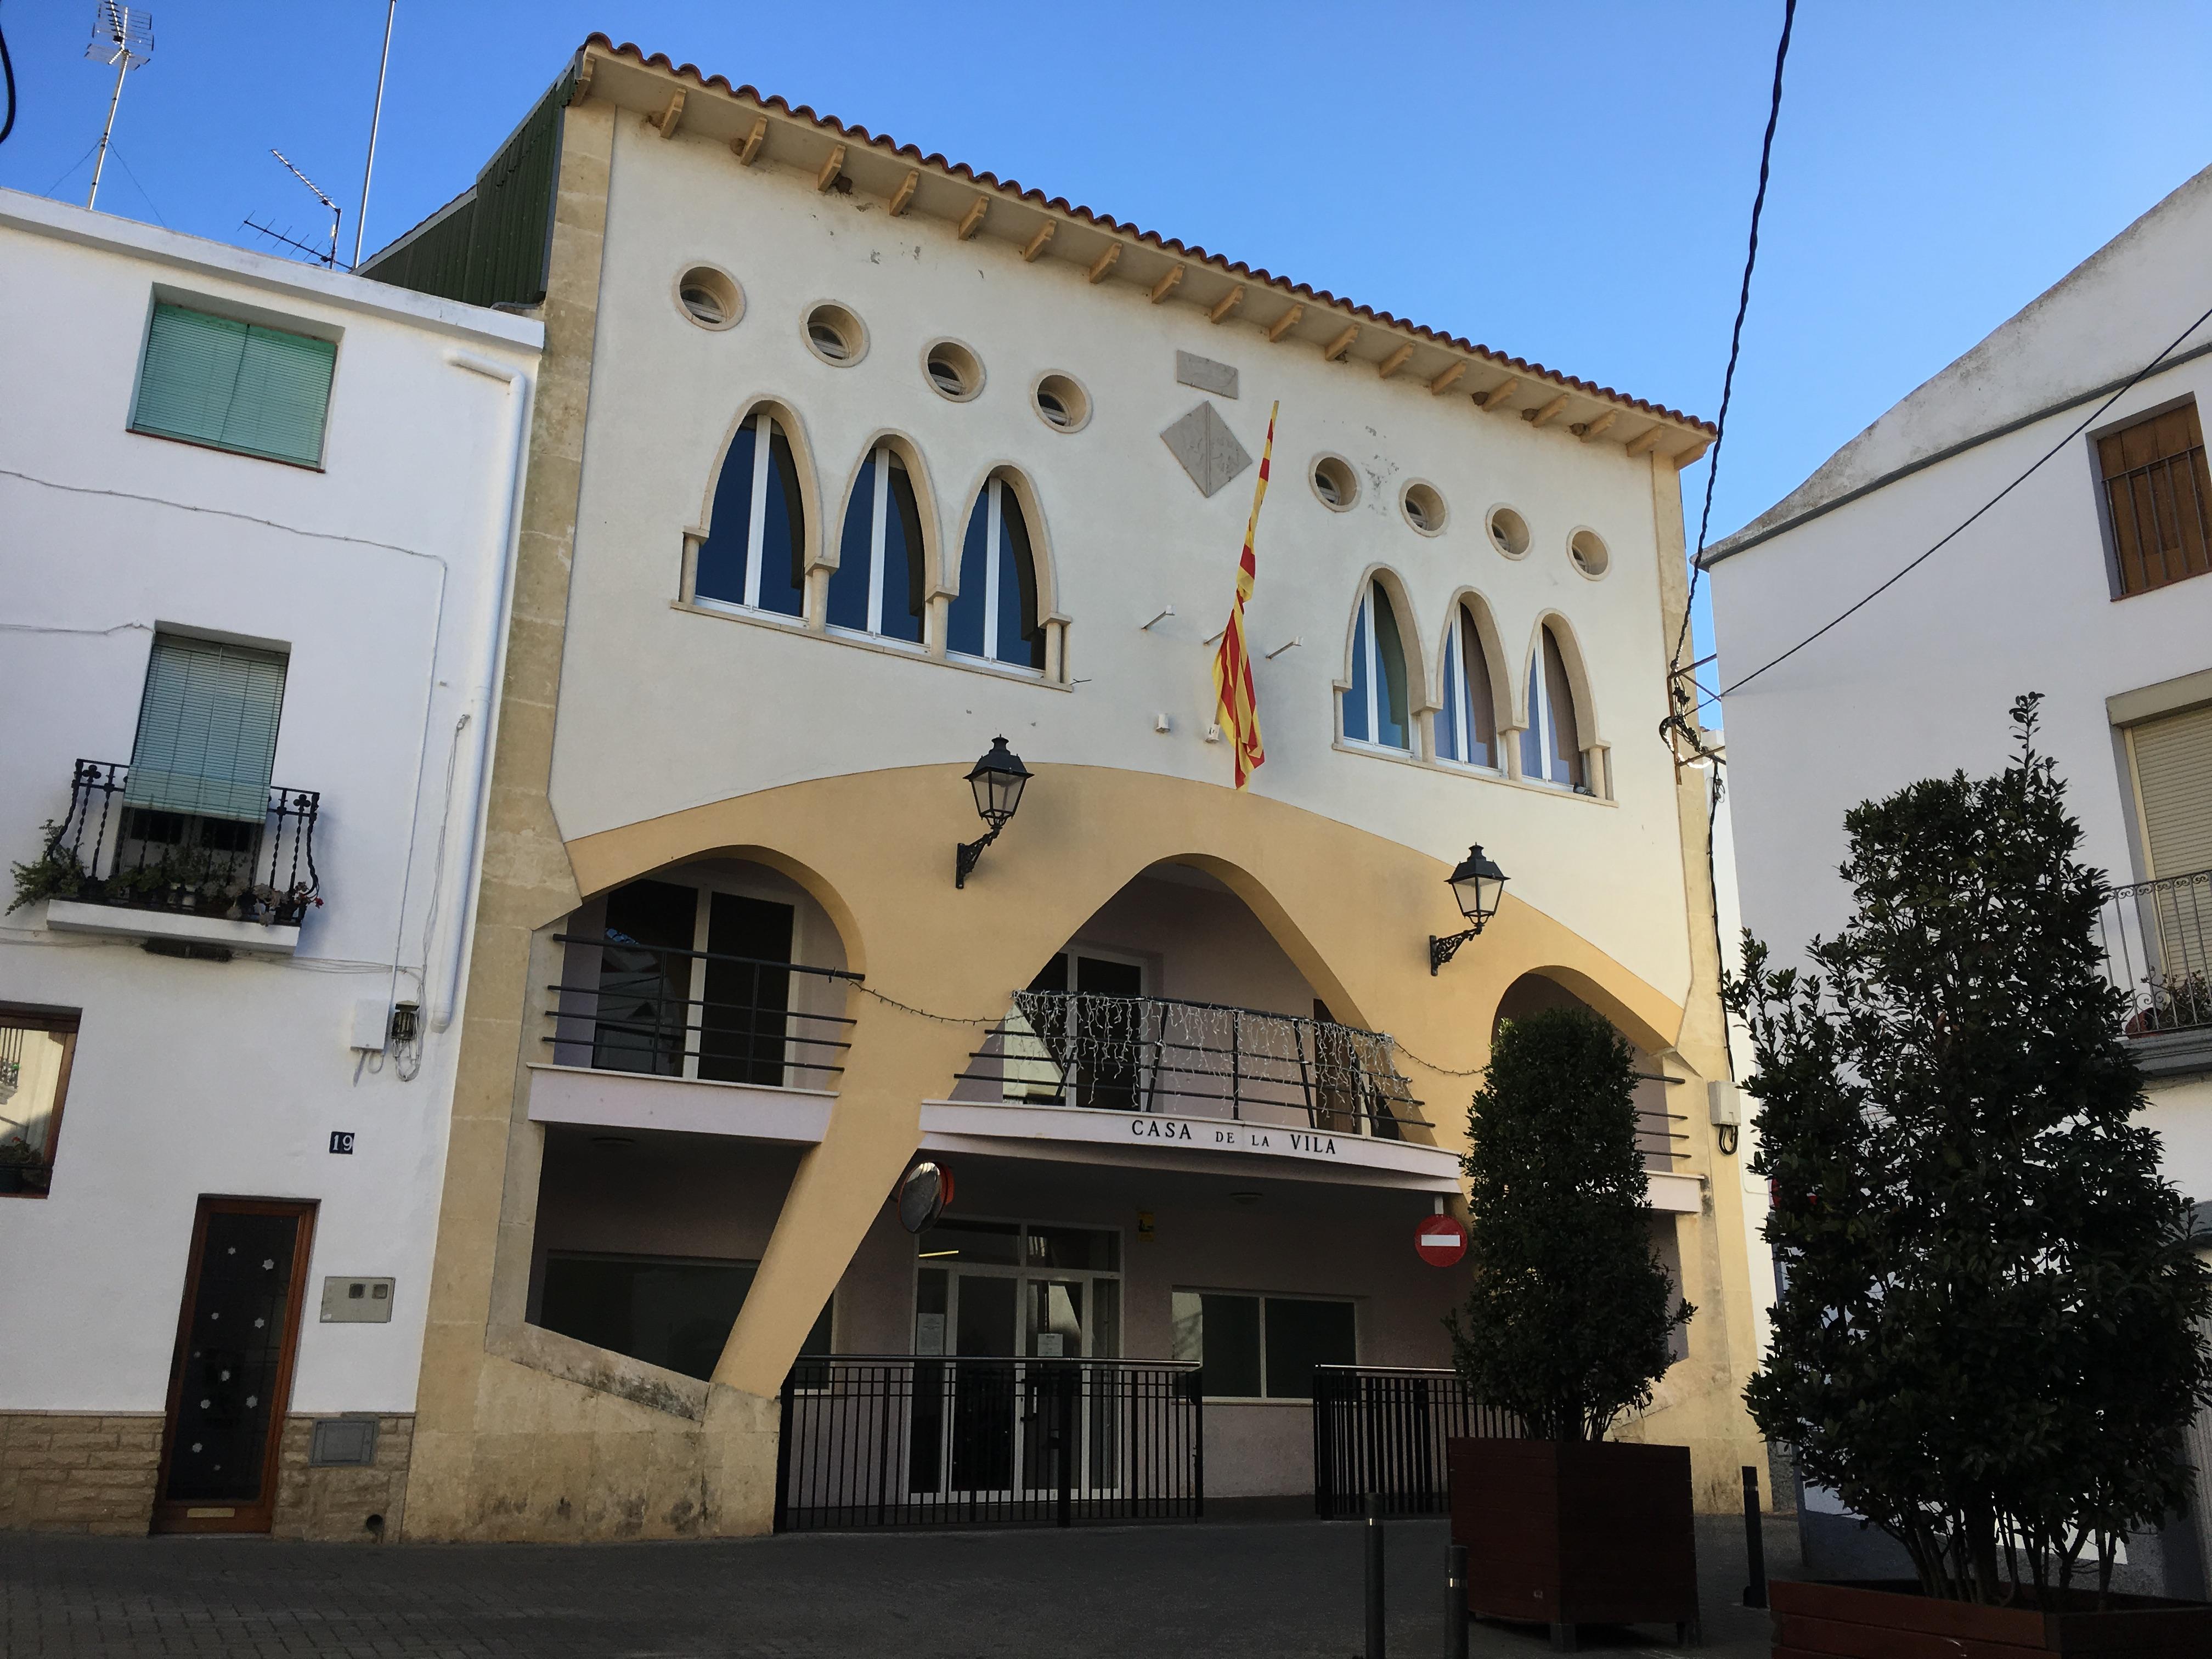 Nous horaris d'atenció al públic de l'Ajuntament de la Bisbal del Penedès i la Biblioteca pública